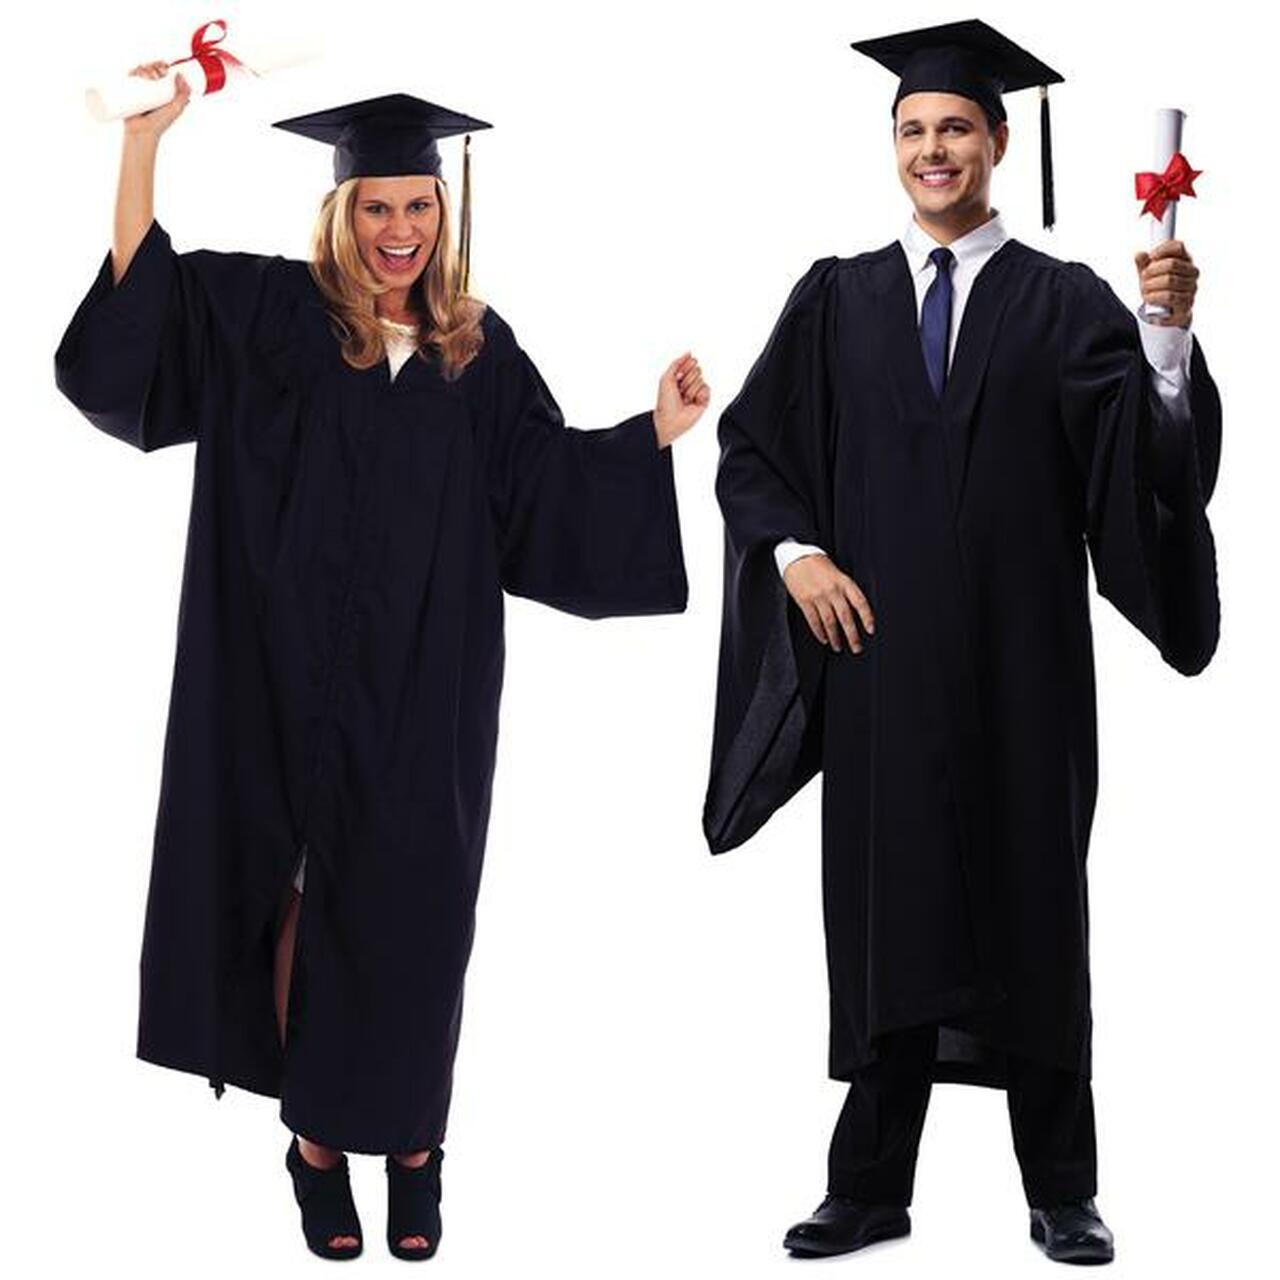 Graduation Caps & Robes